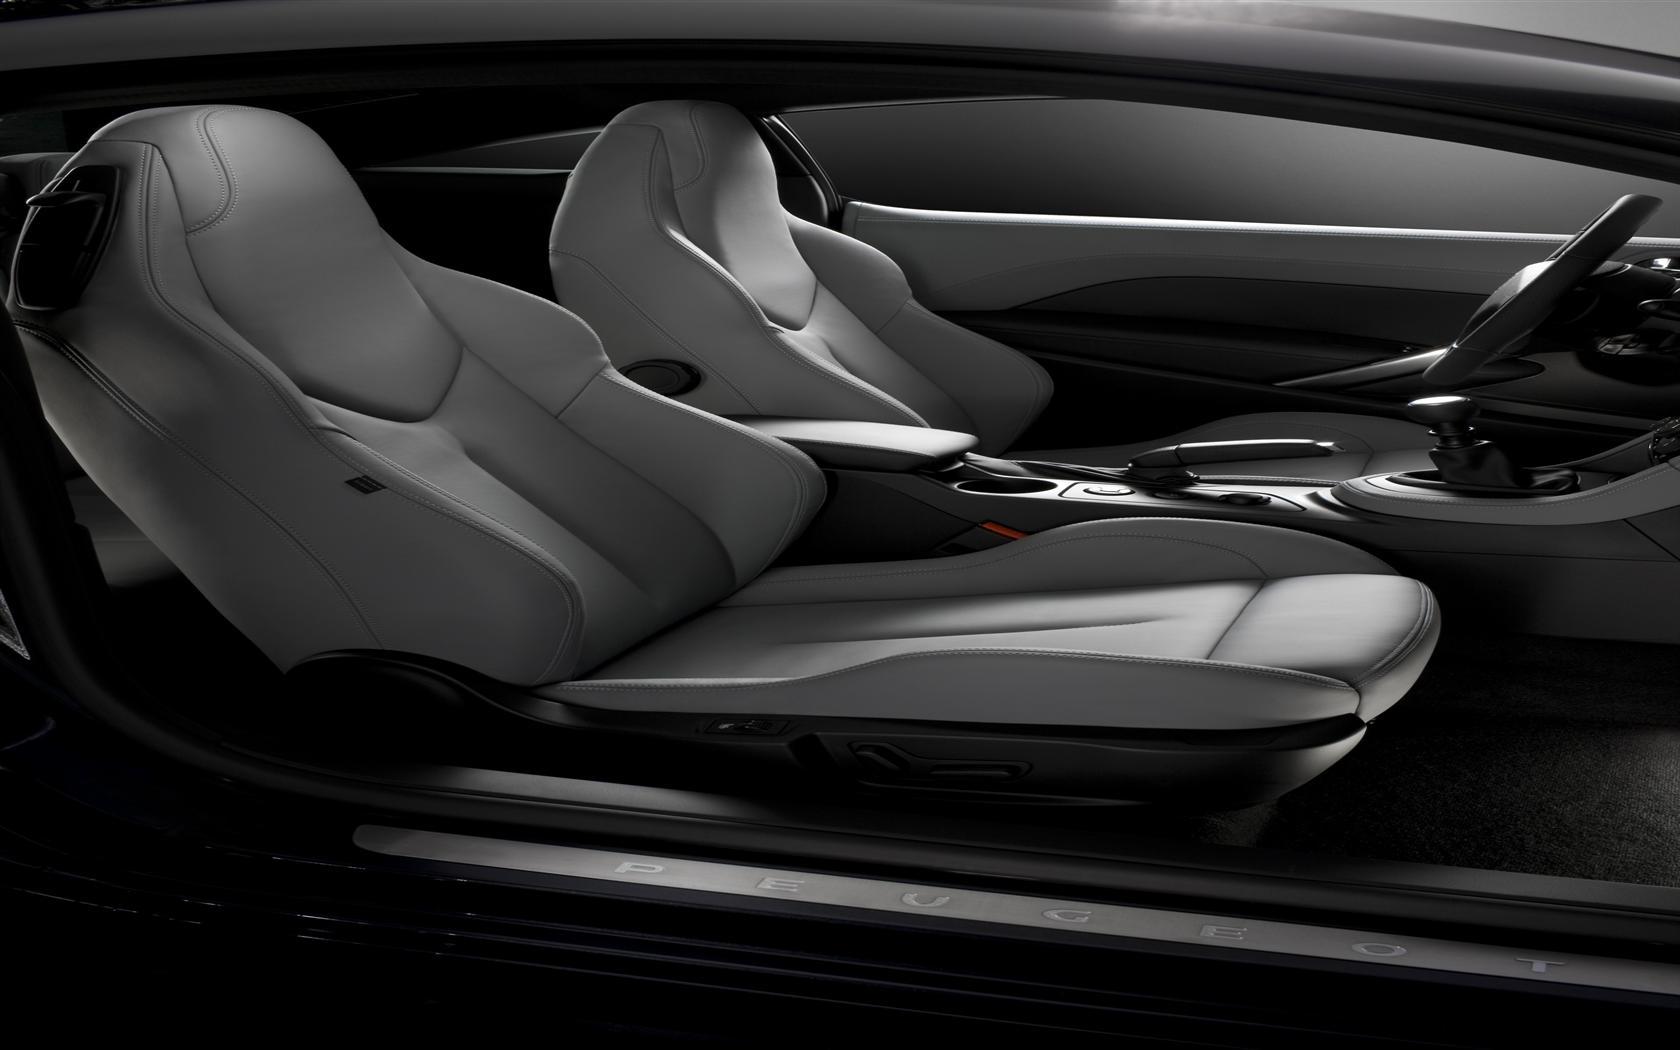 2010 Peugeot RCZ Image. https://www.conceptcarz.com/images/Peugeot ...